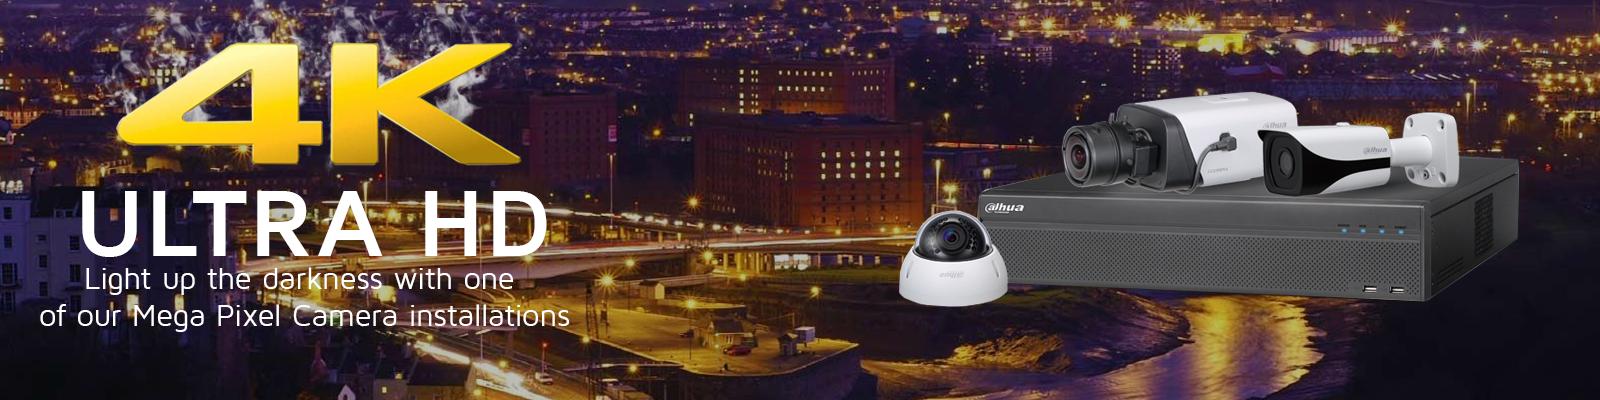 Commercial CCTV System Bristol & Taunton